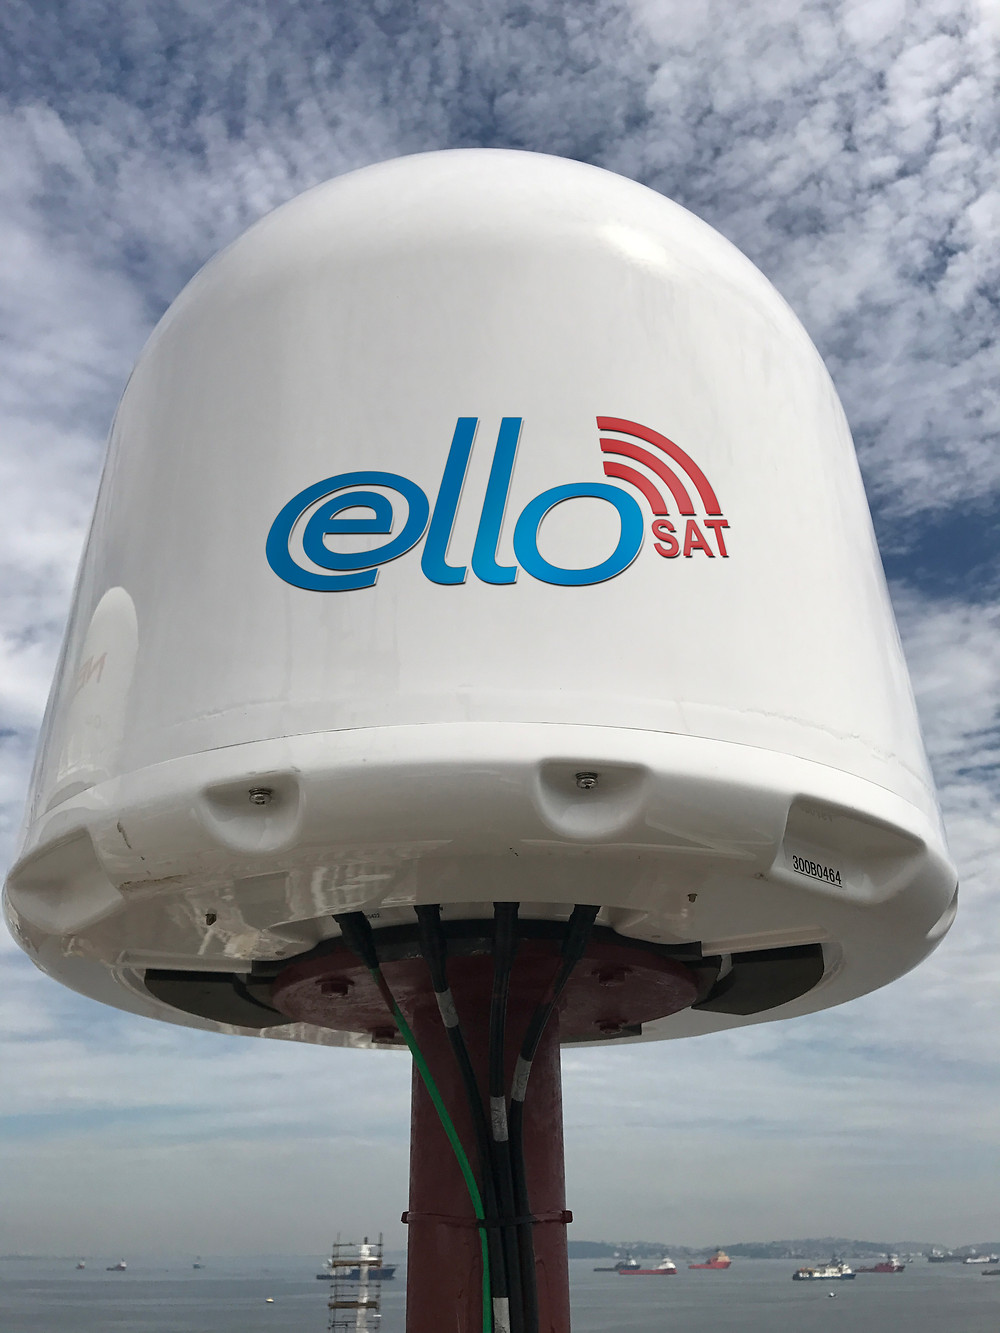 Maritime Telecommunication